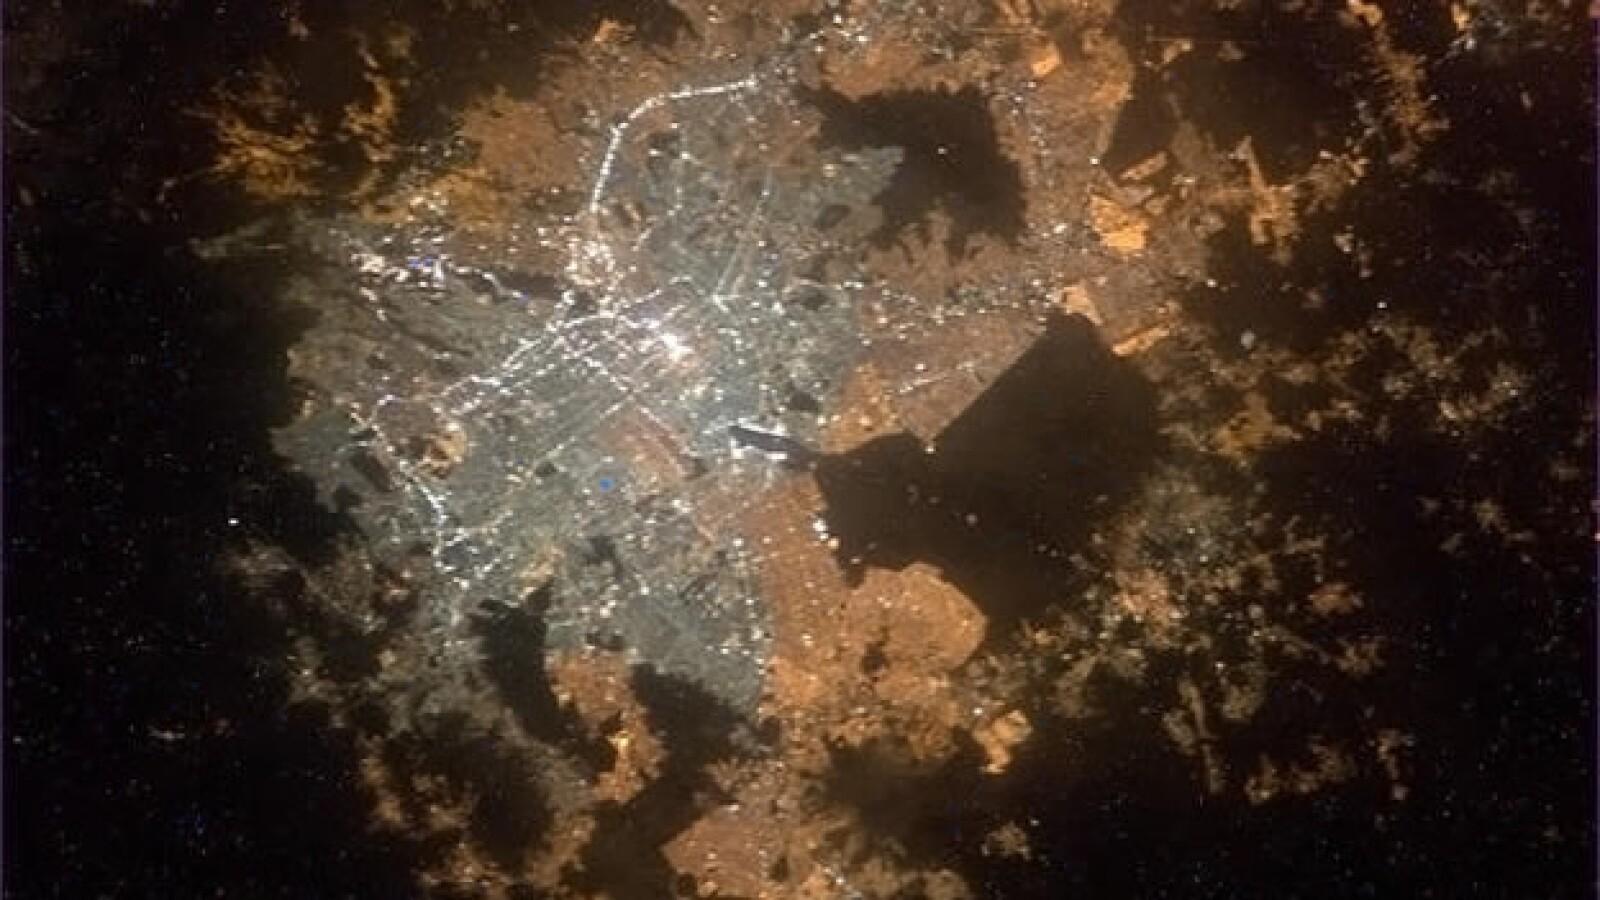 Imágenes de ciudades mexicanas desde el espacio